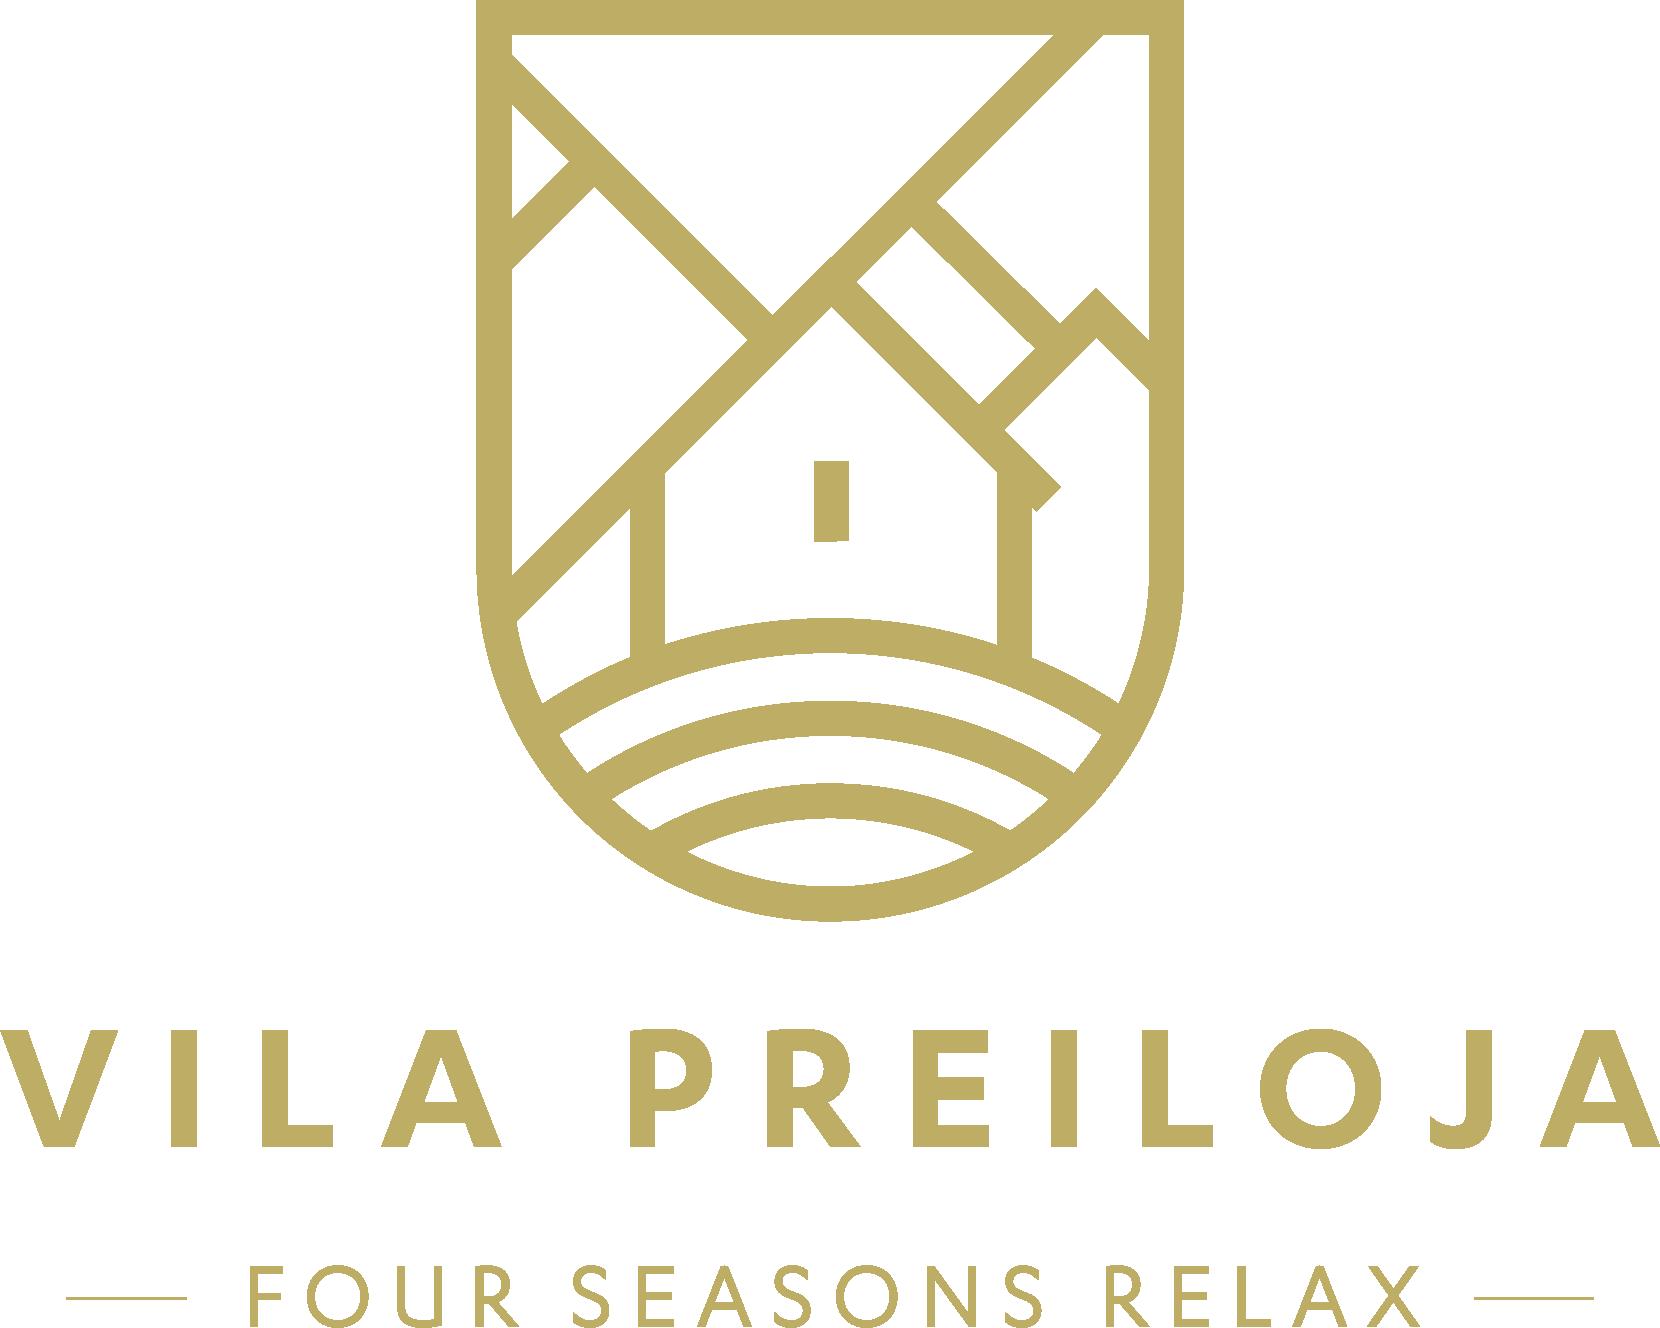 Vila Preiloja